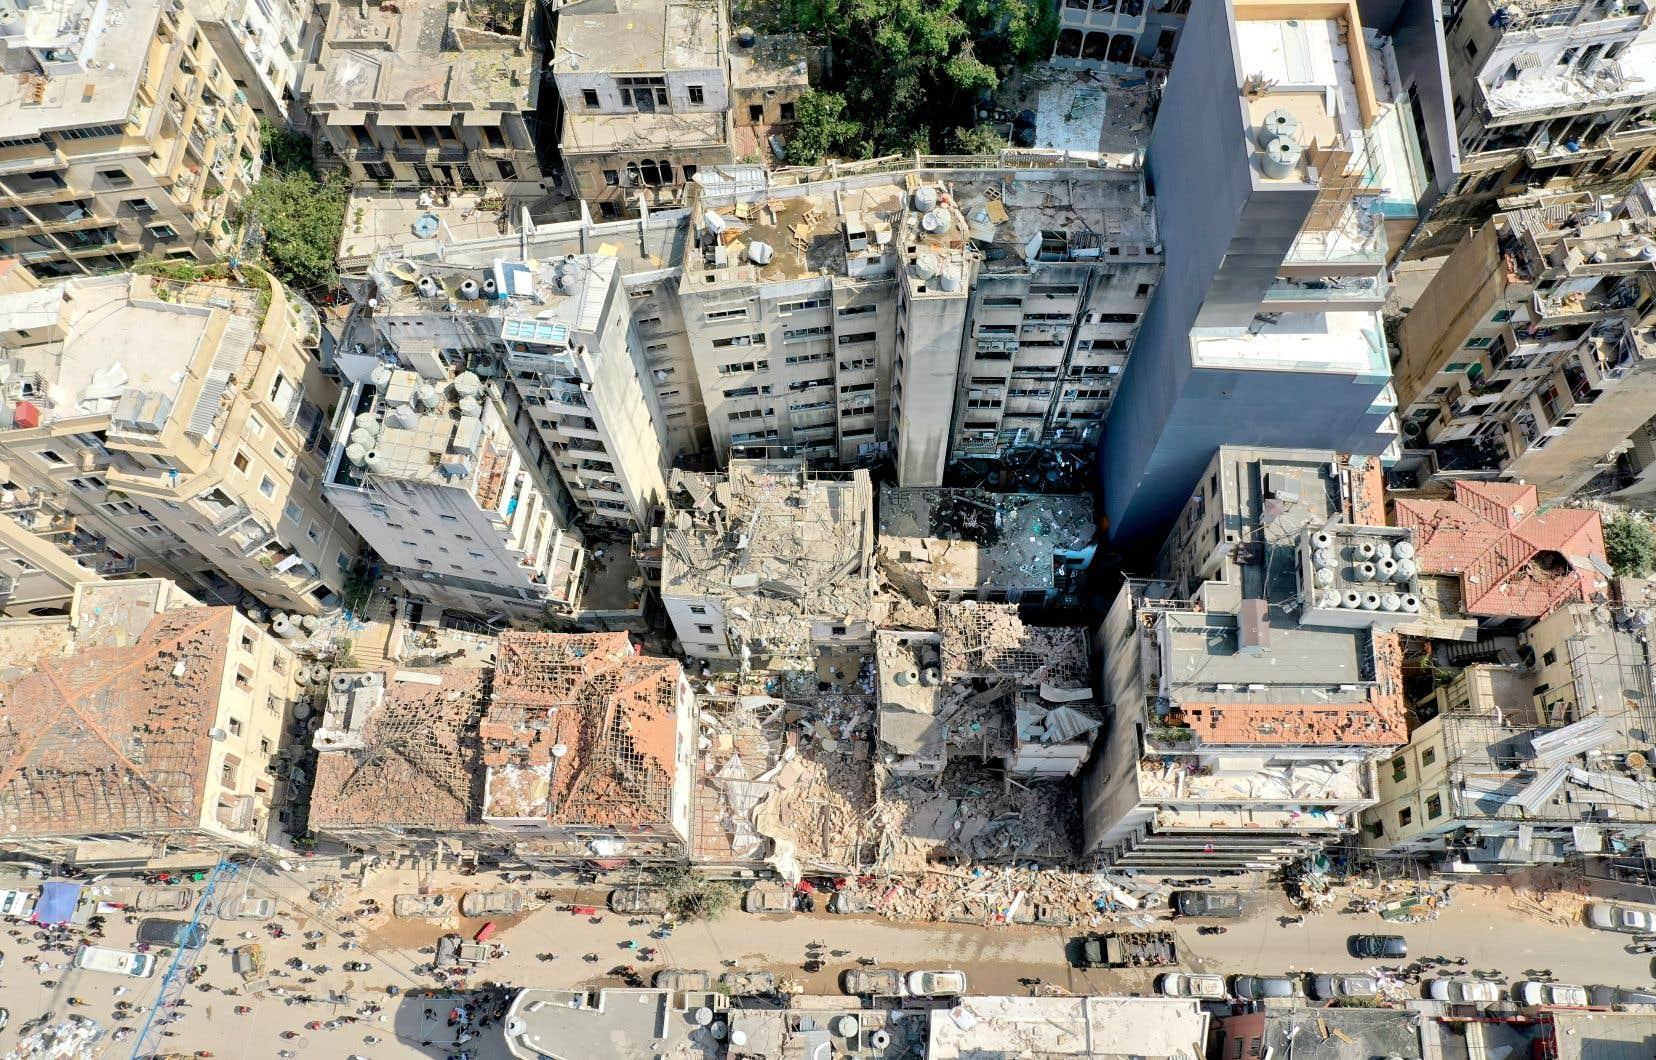 Cette puissante déflagration, la plus dévastatrice jamais survenue au Liban, a attisé la colère de la population contre les dirigeants du pays. Dans une capitale aux airs post-apocalyptique, un vaste élan de solidarité a poussé des centaines de Libanais à poursuivre les opérations de déblaiement ou à accueillir des sans-abri.